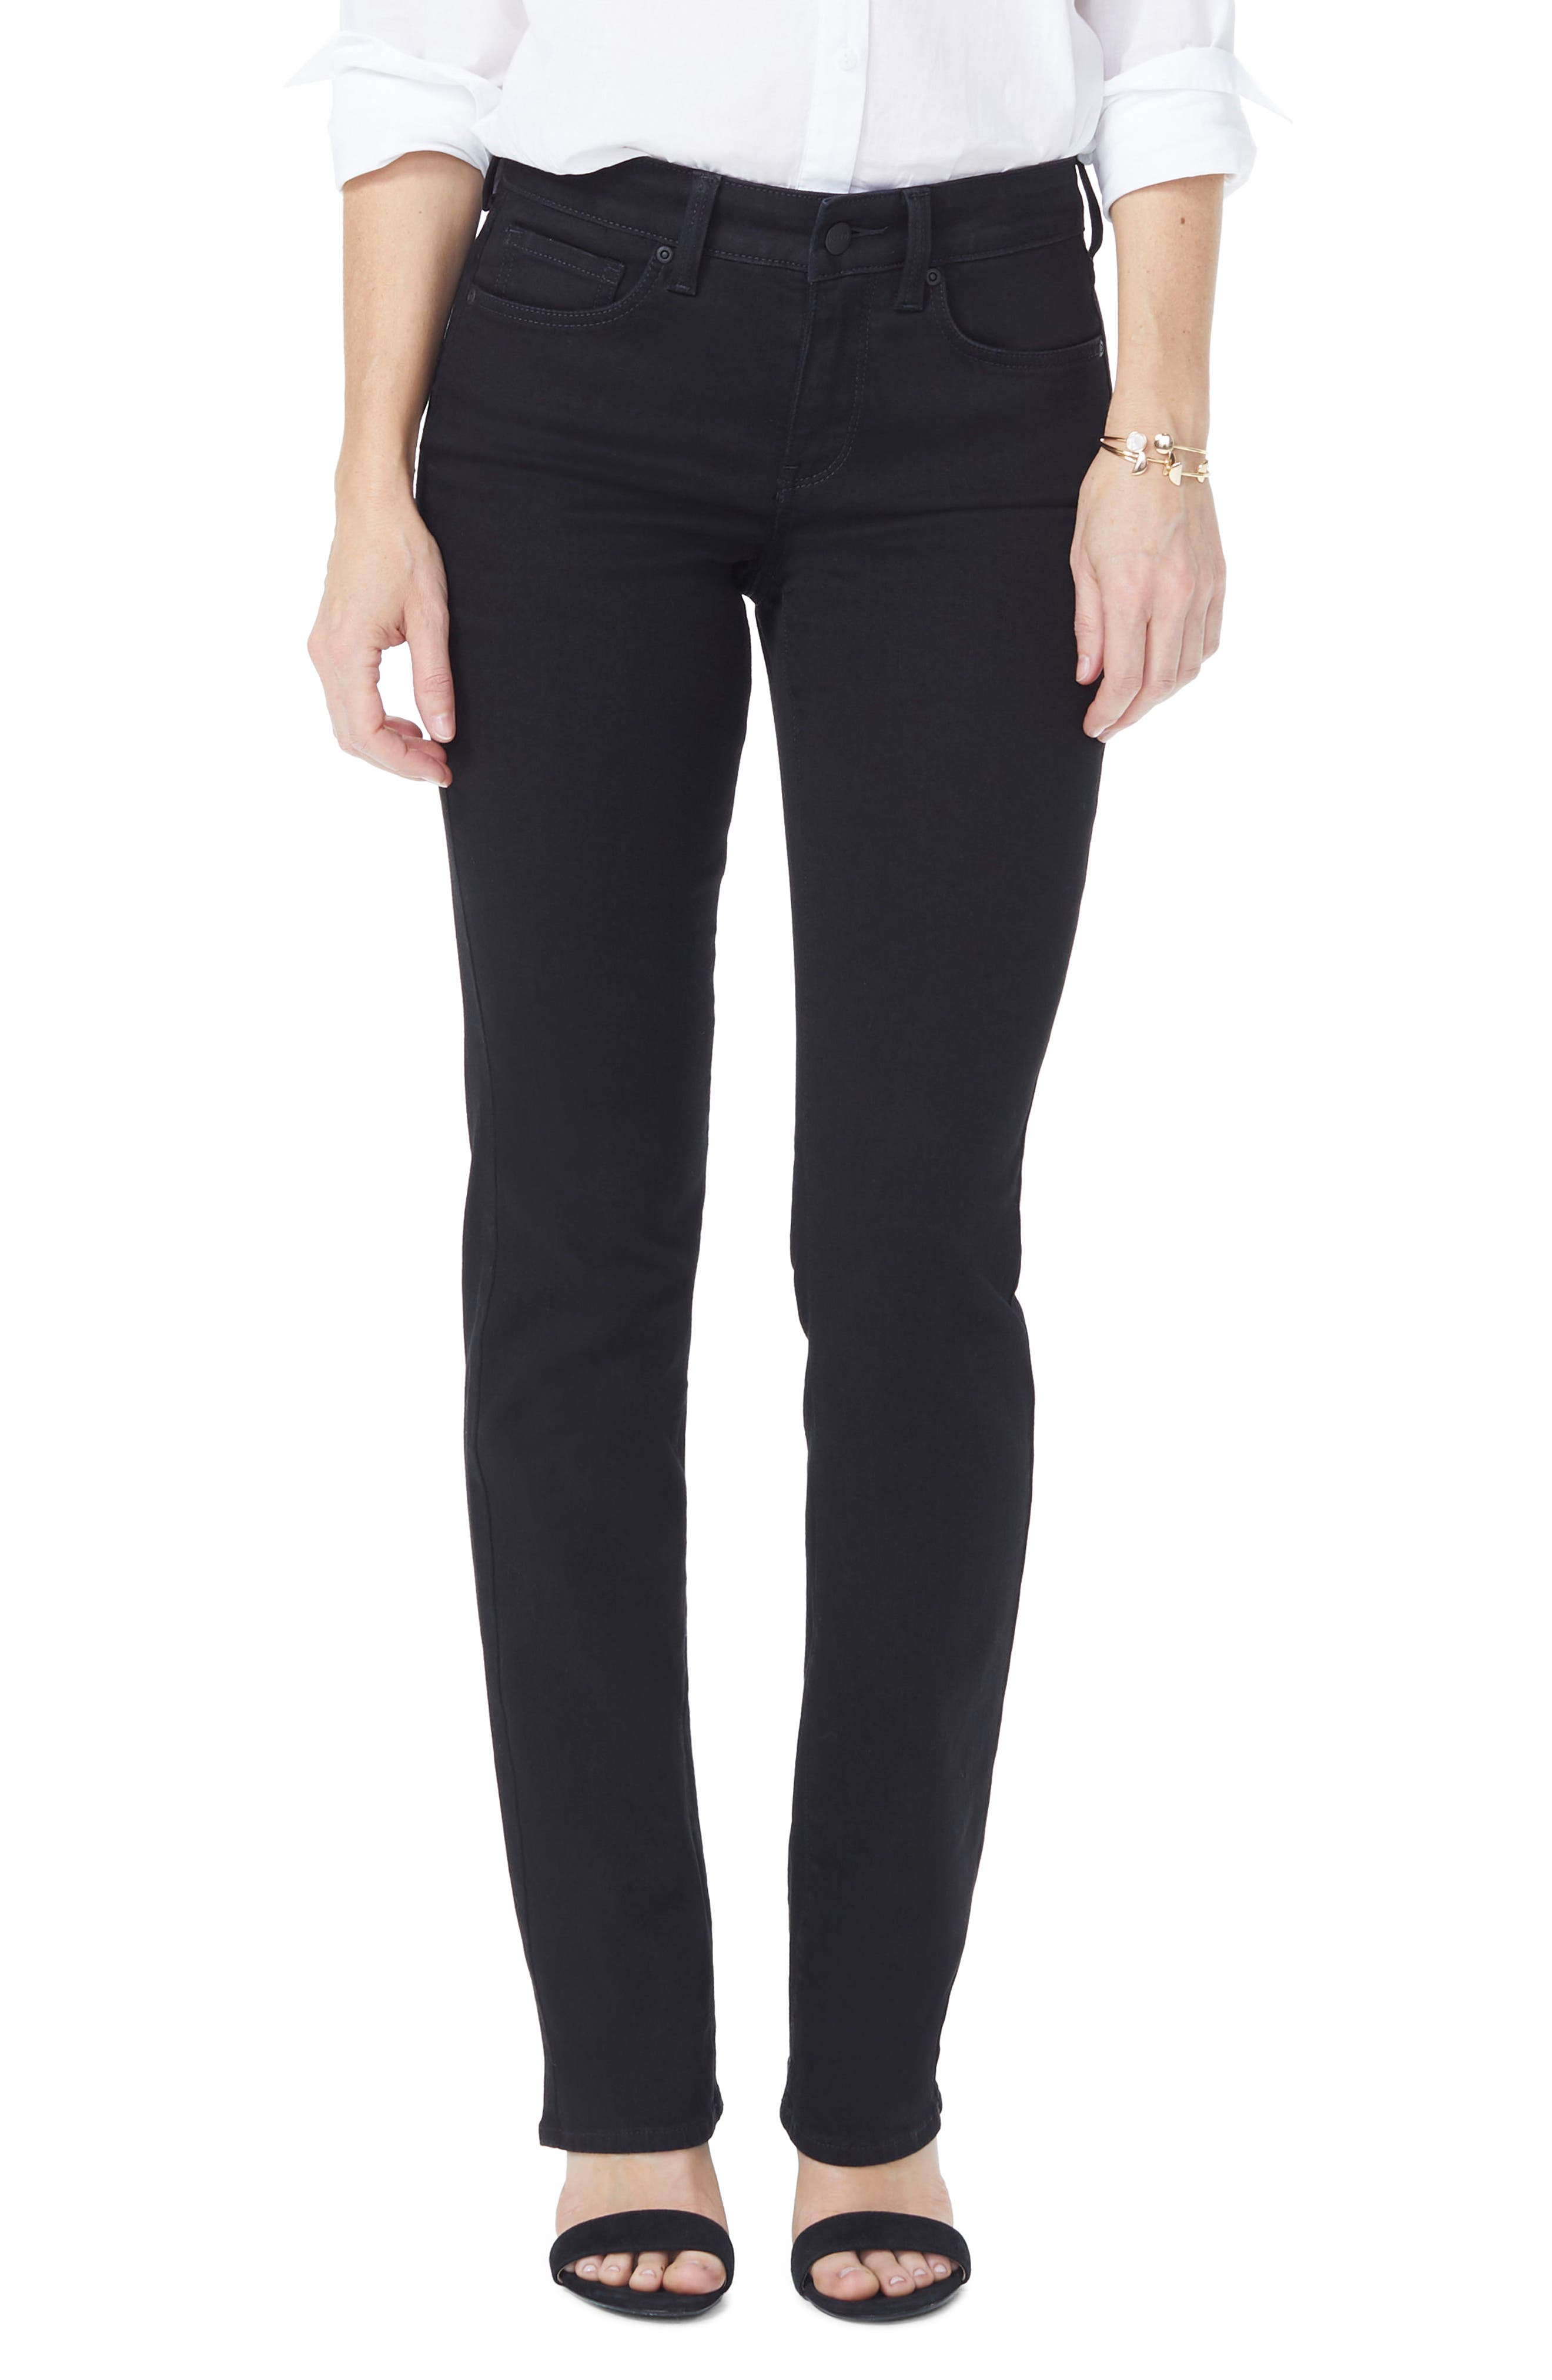 Marilyn High Waist Straight Jeans,                         Main,                         color, BLACK